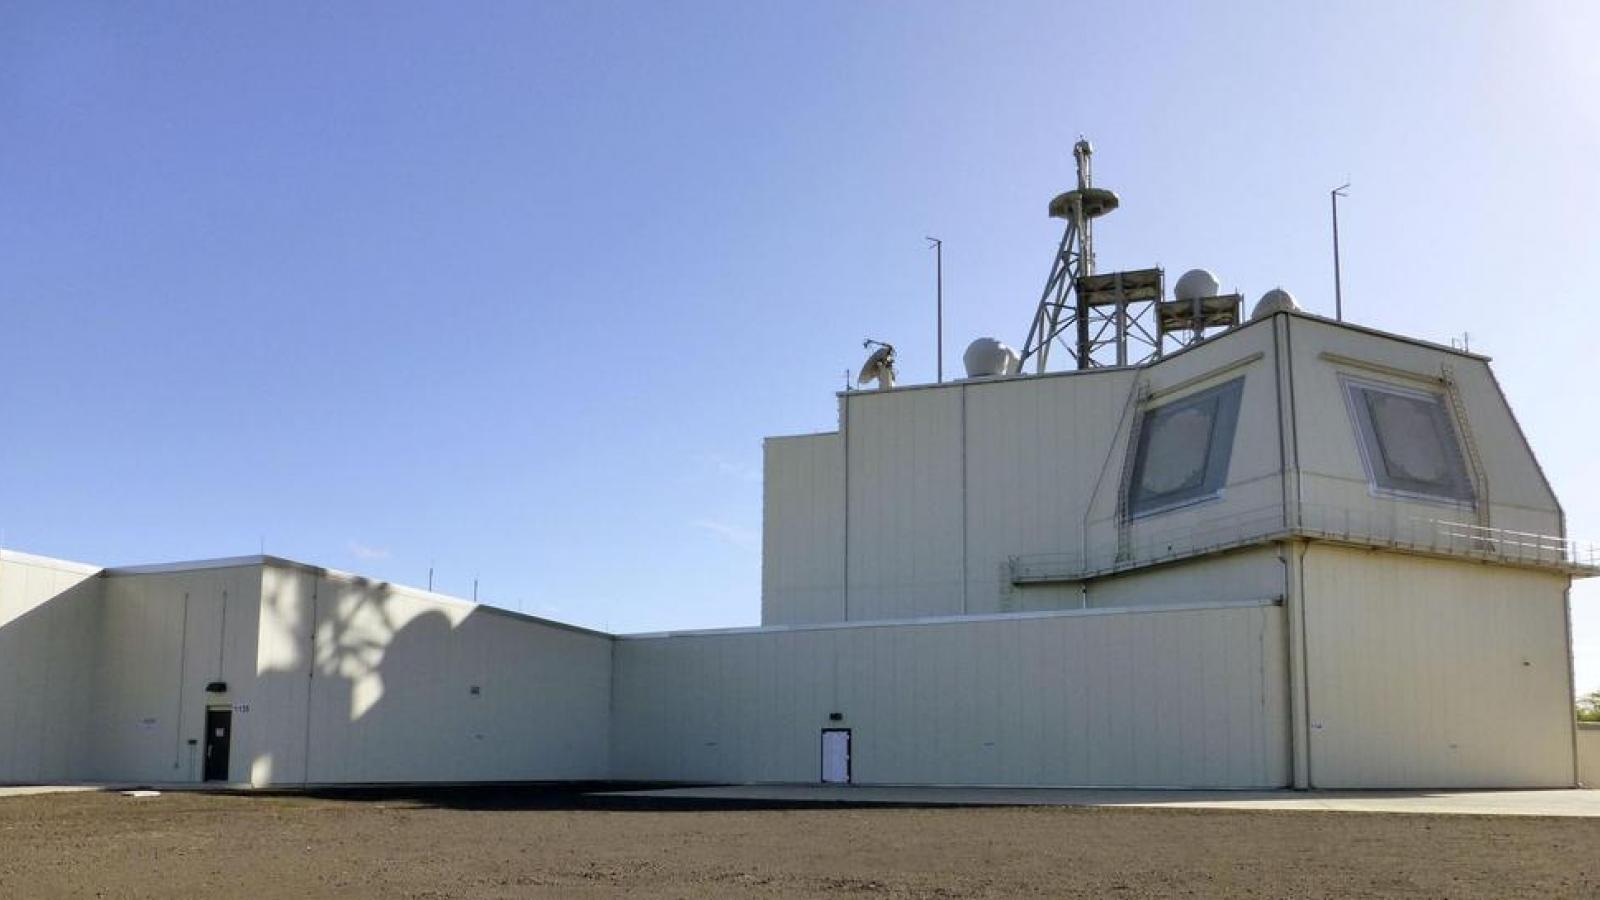 Nhật Bản lắp đặt radar thế hệ mới trên các tàu khu trục